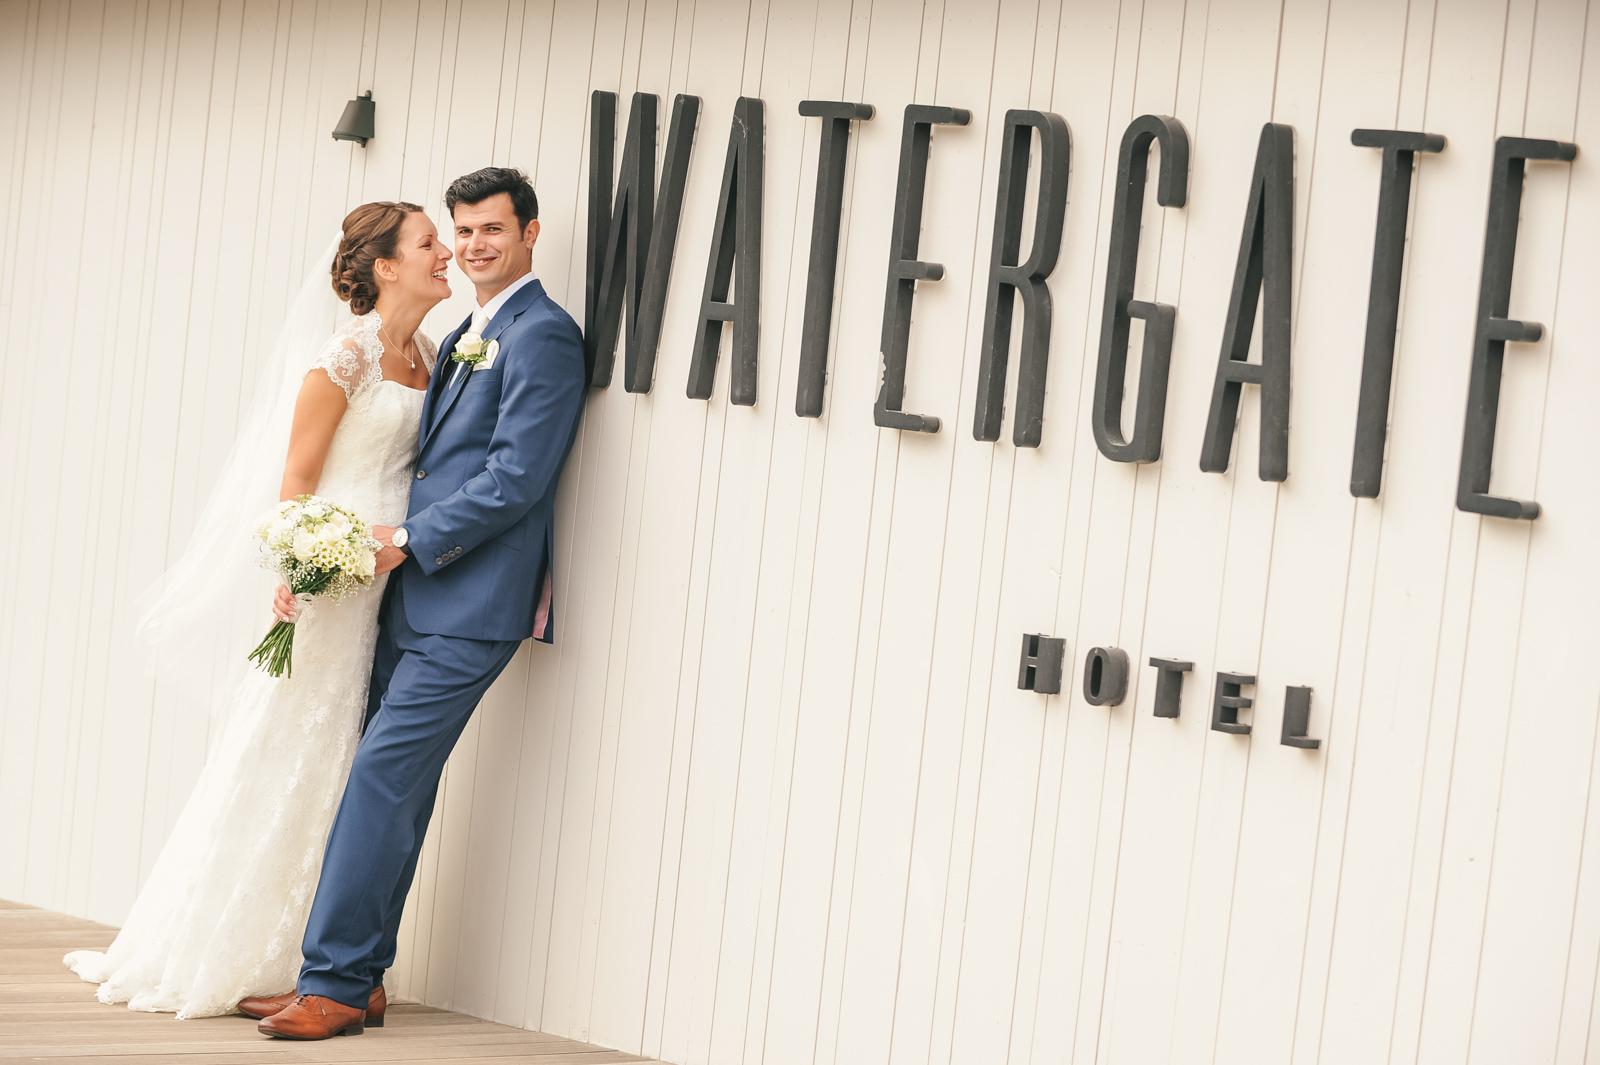 watergate-bay-hotel-weddings-120.jpg